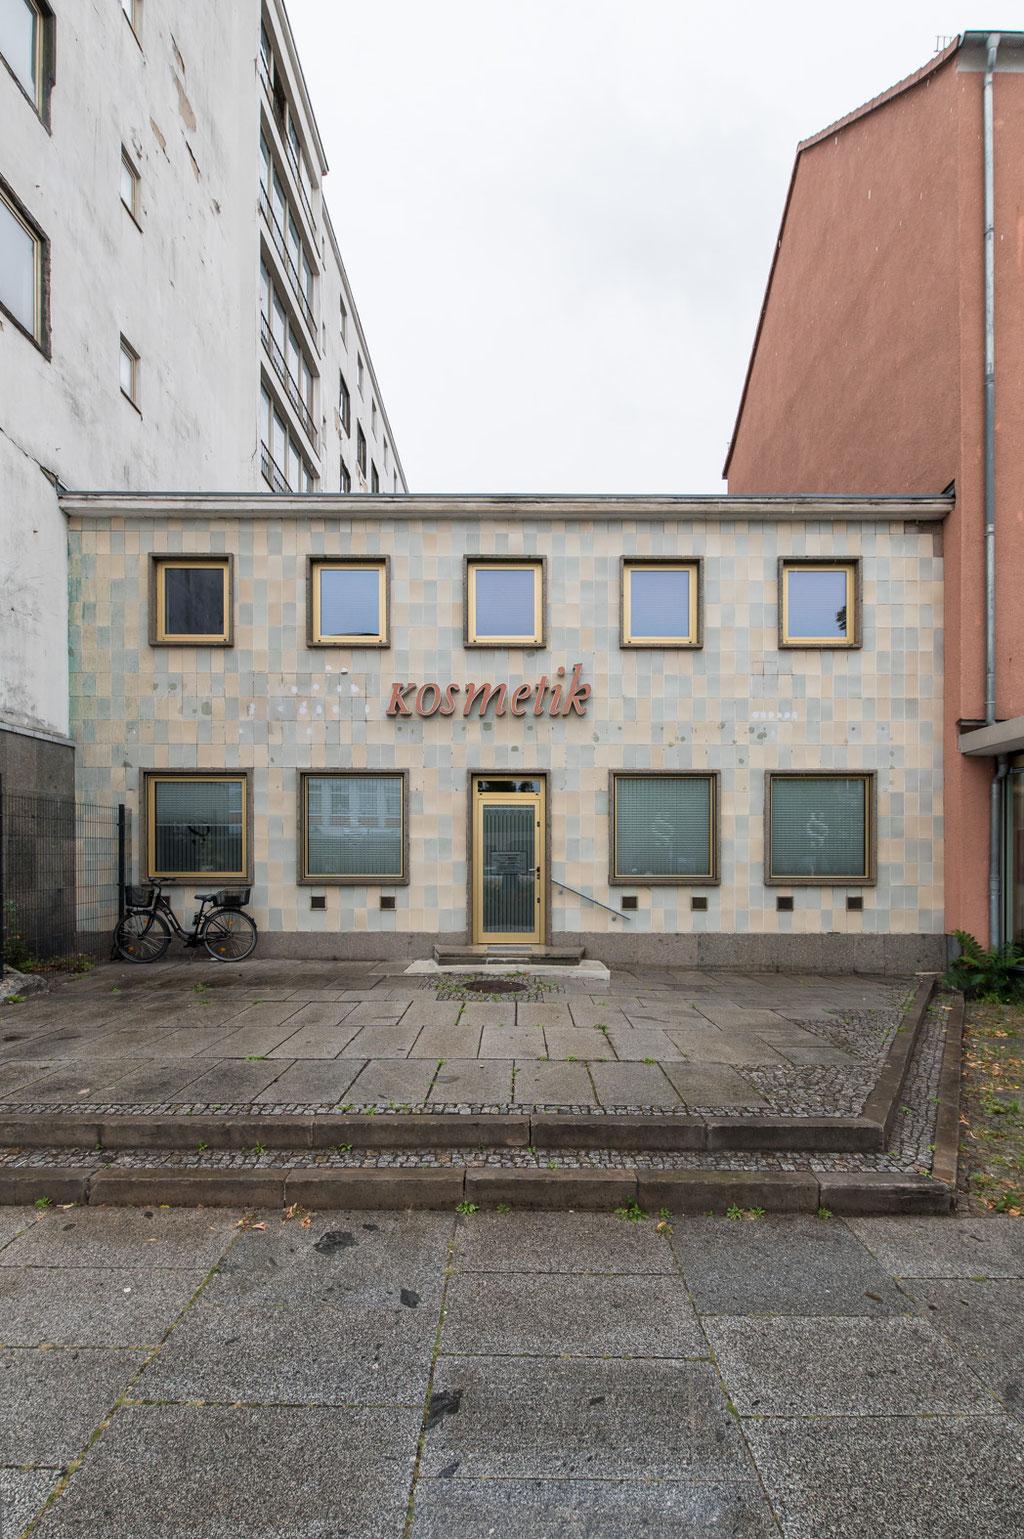 Kosmetikgeschäft (Kollektiv Gerhard Wollner, Wolfgang Timme, Herbert Hoffmann), Eisenhüttenstadt (D)